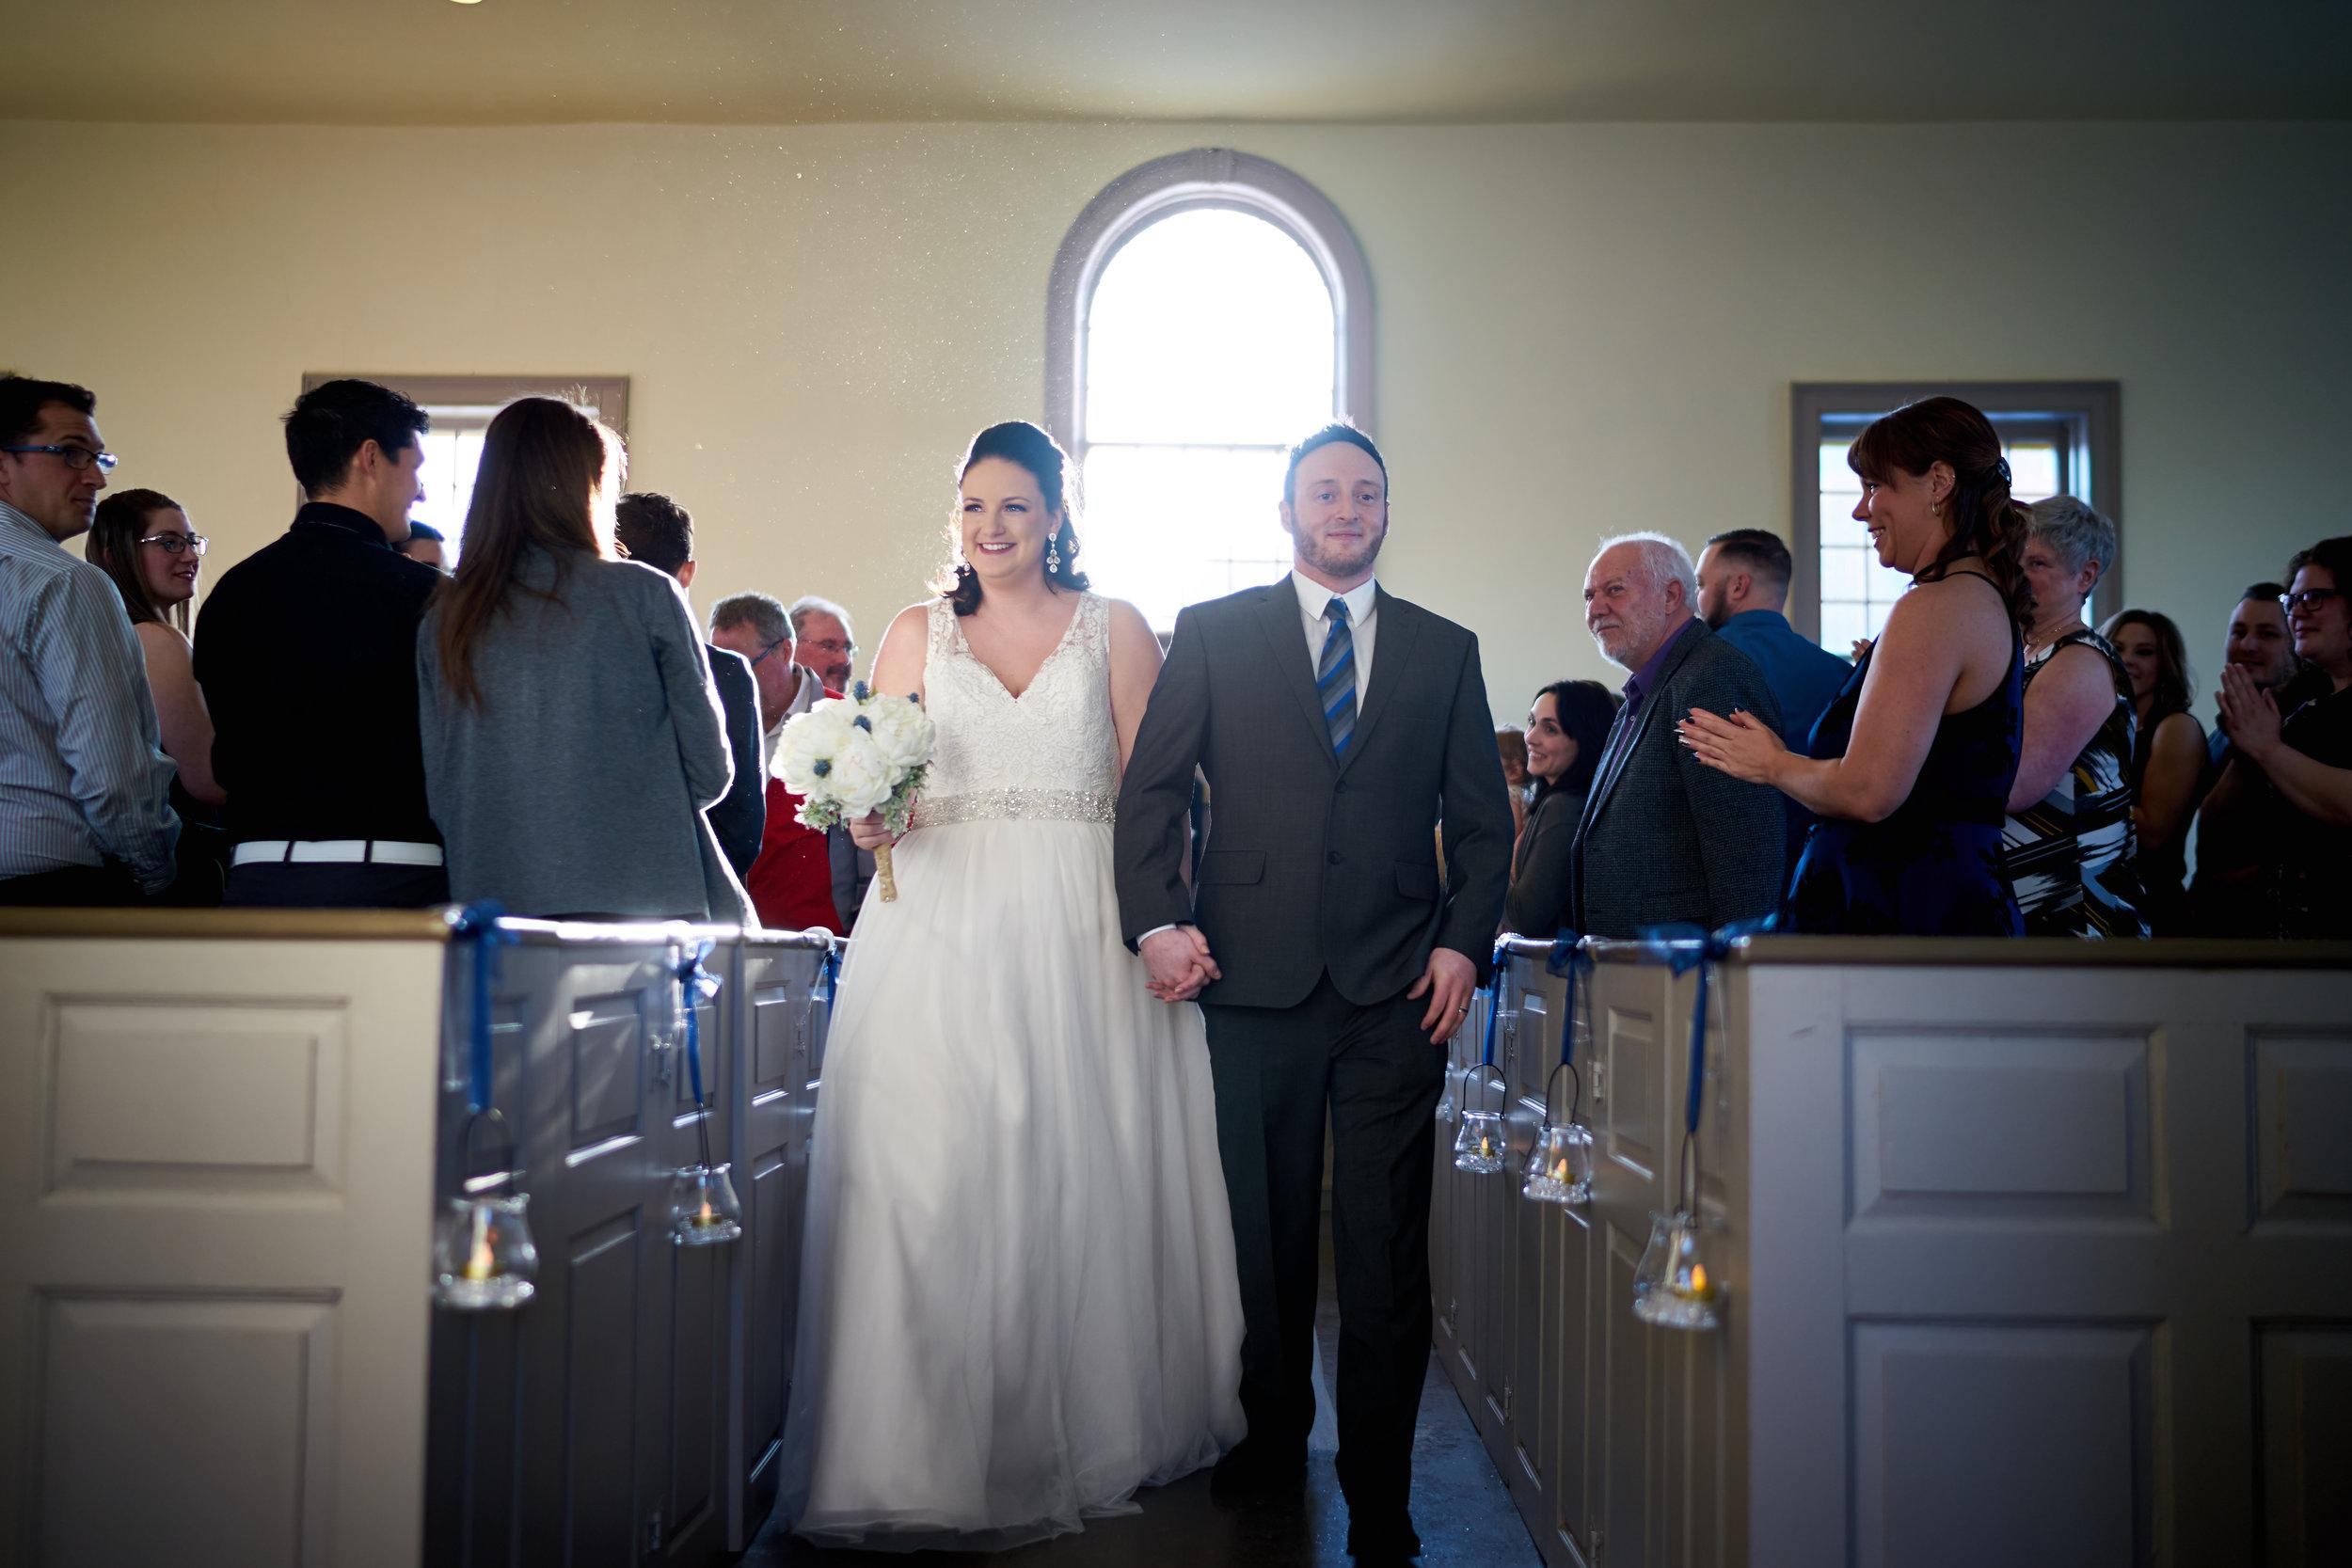 Melanie & Lewis' Wedding 546.jpg